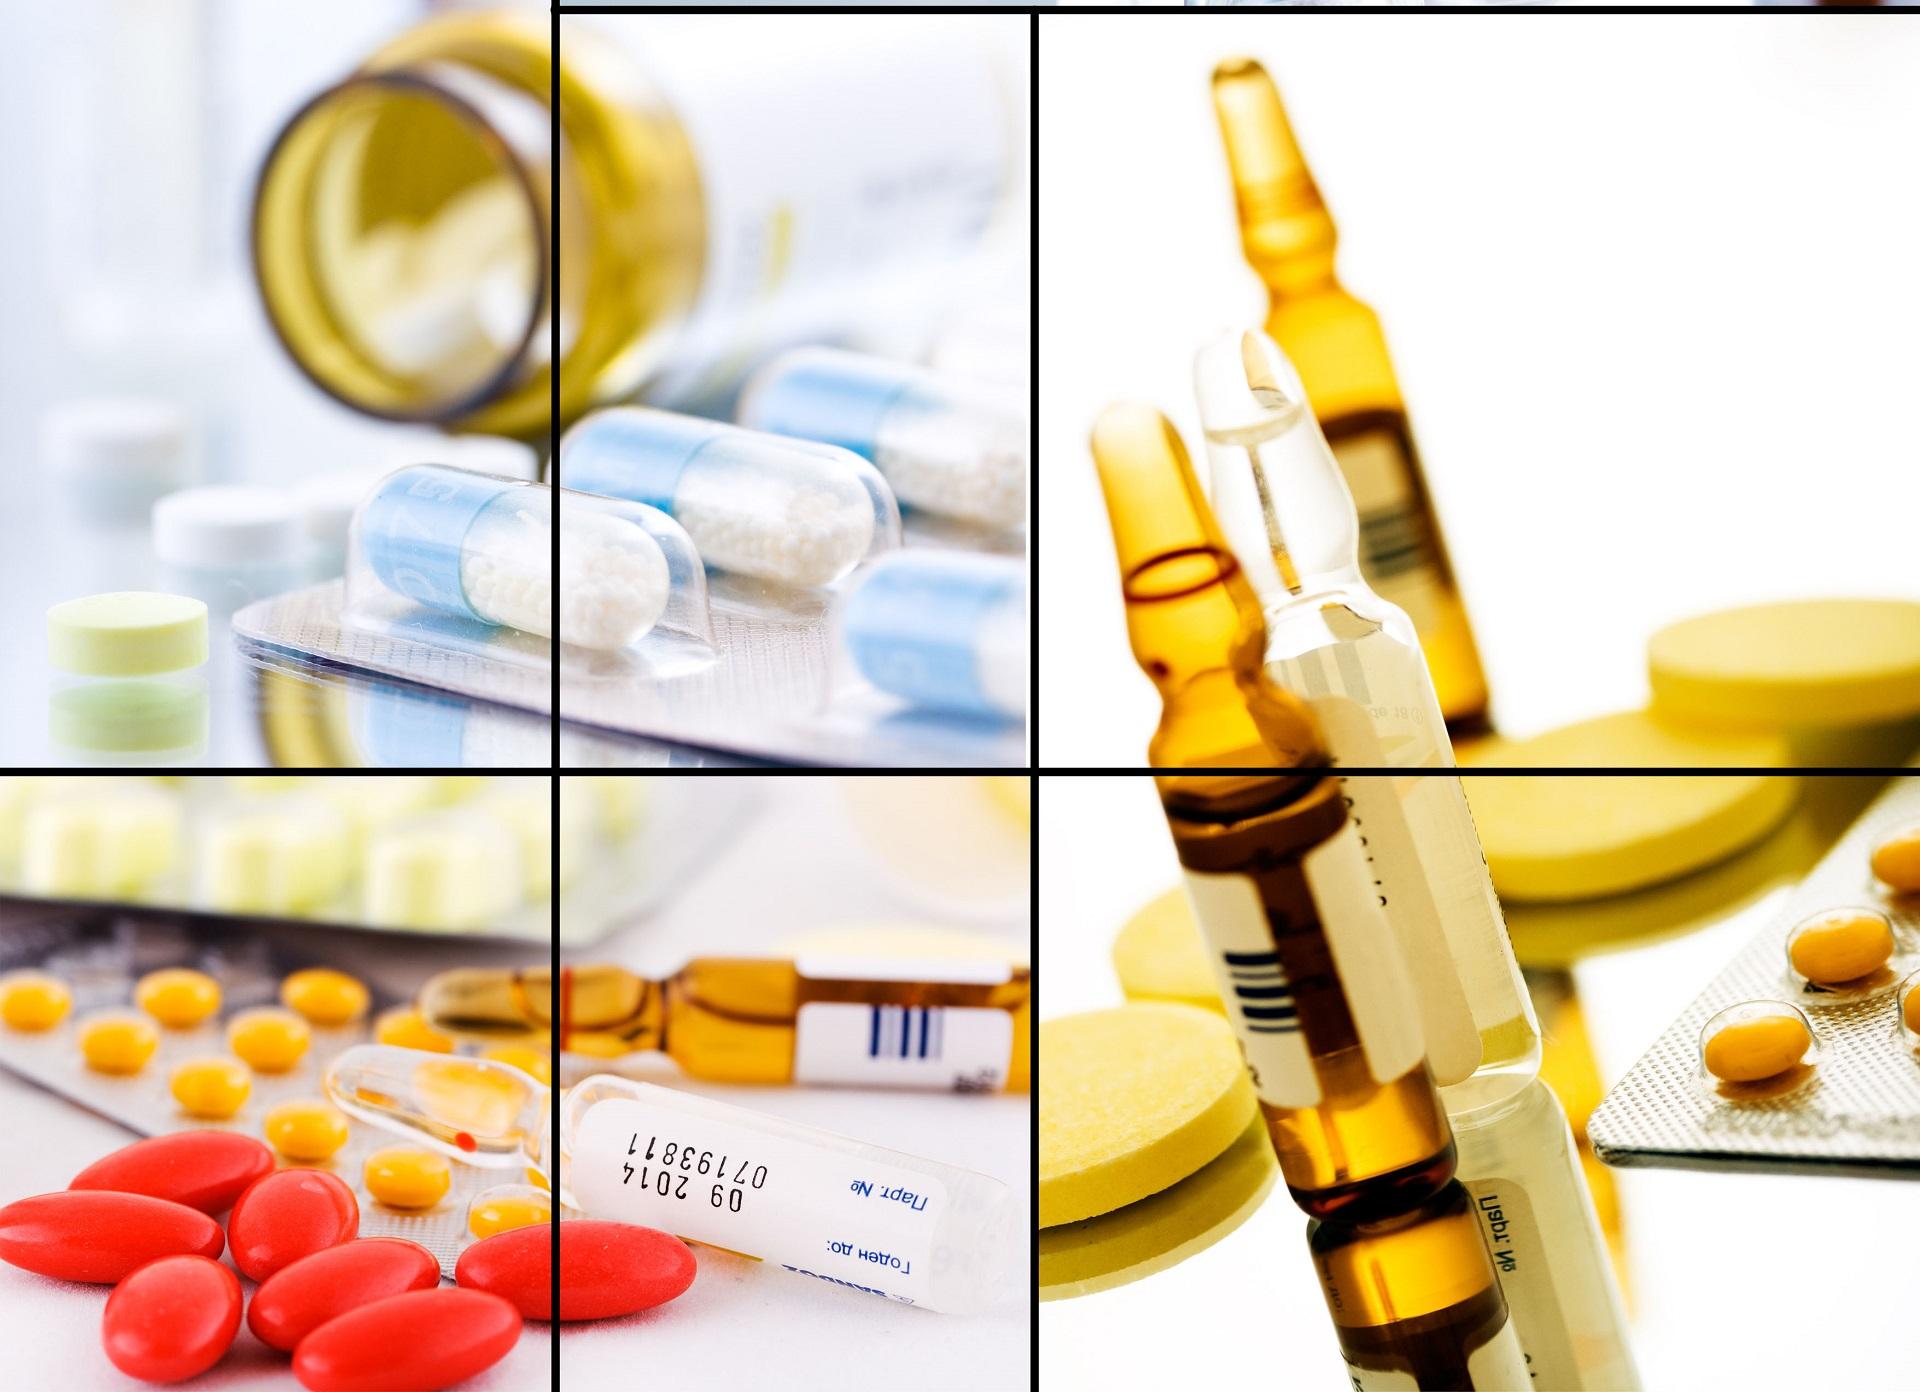 Польза противозачаточных таблеток, Вред противозачаточных таблеток, Побочные эффекты противозачаточных таблеток,